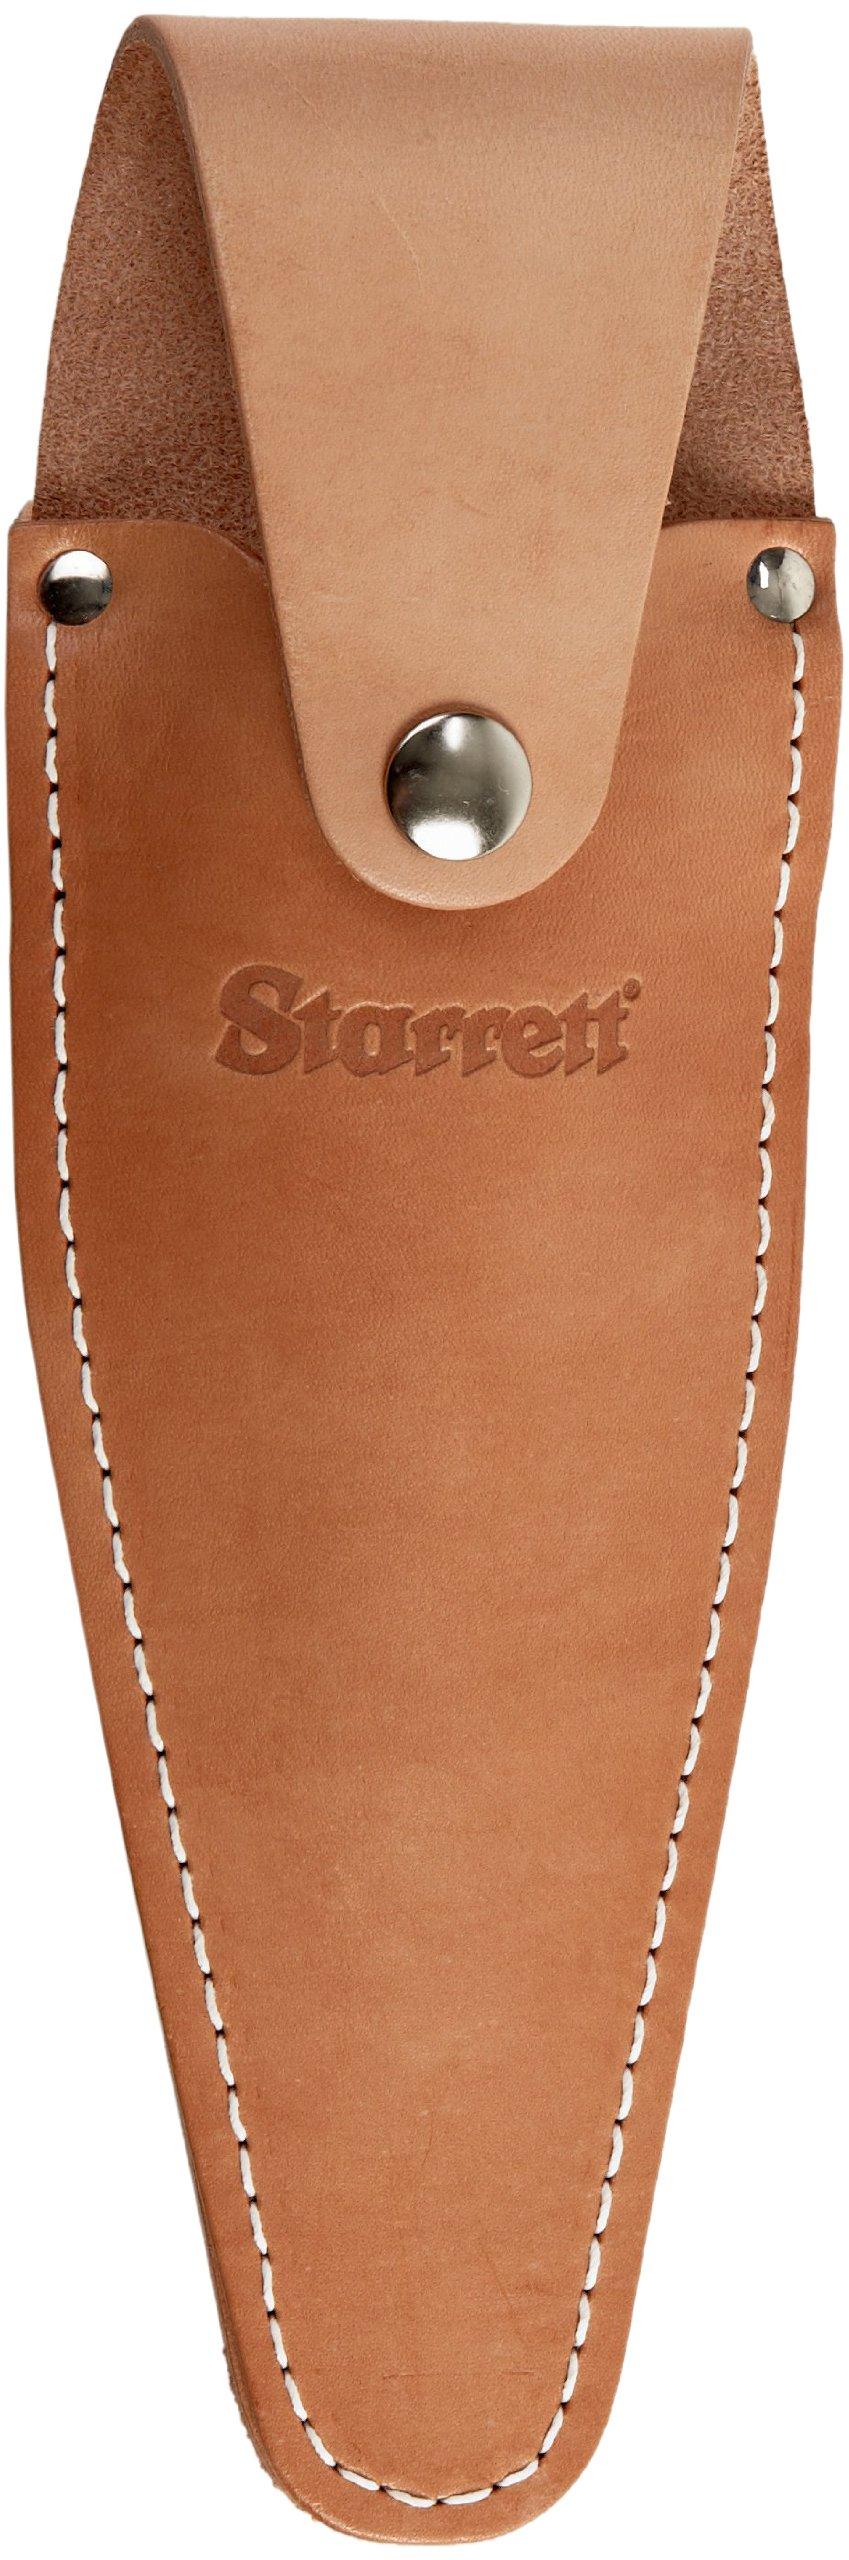 Starrett 915 Leather Holster For 6'' Dial Caliper